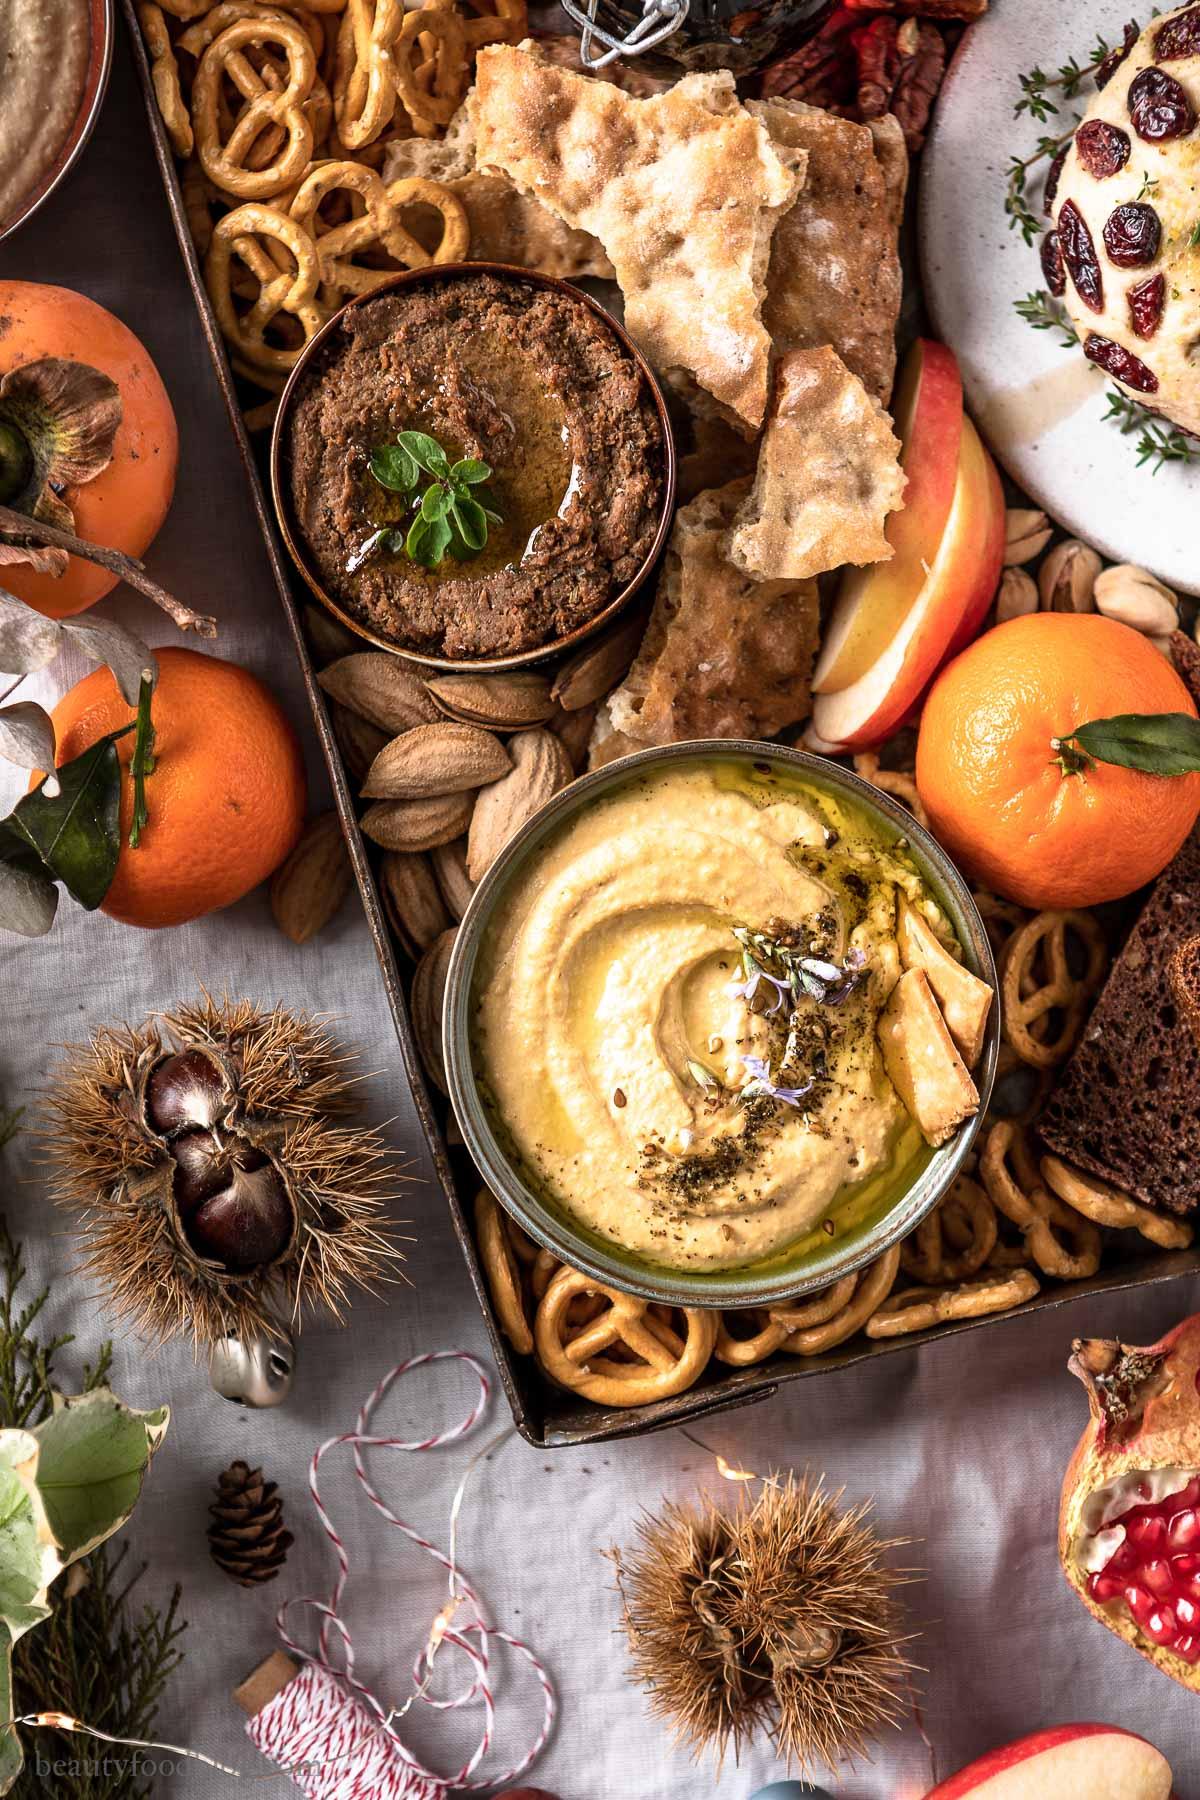 tris di hummus Antipasti vegan di Natale e Capodanno Vegan Holiday Platter with 3 hummus